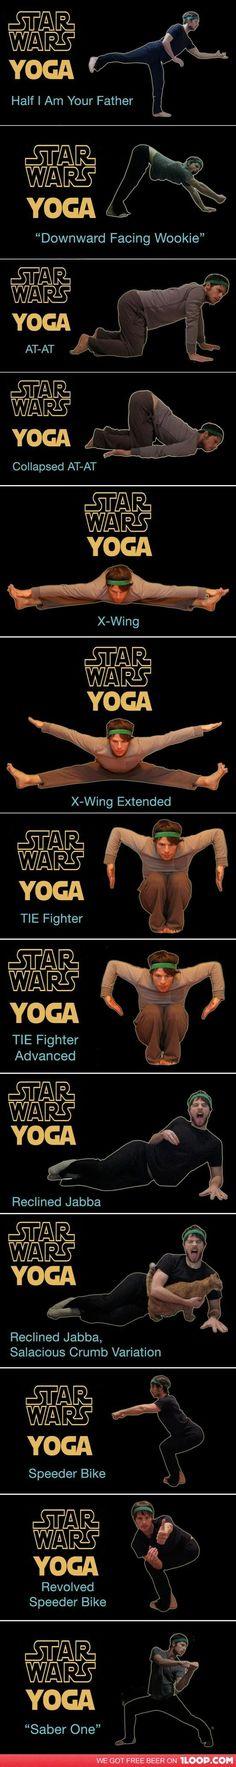 Os imagináis practicar un Yoga inspirado en #StarWars? Ahora es posible... bueno, o algo así :)